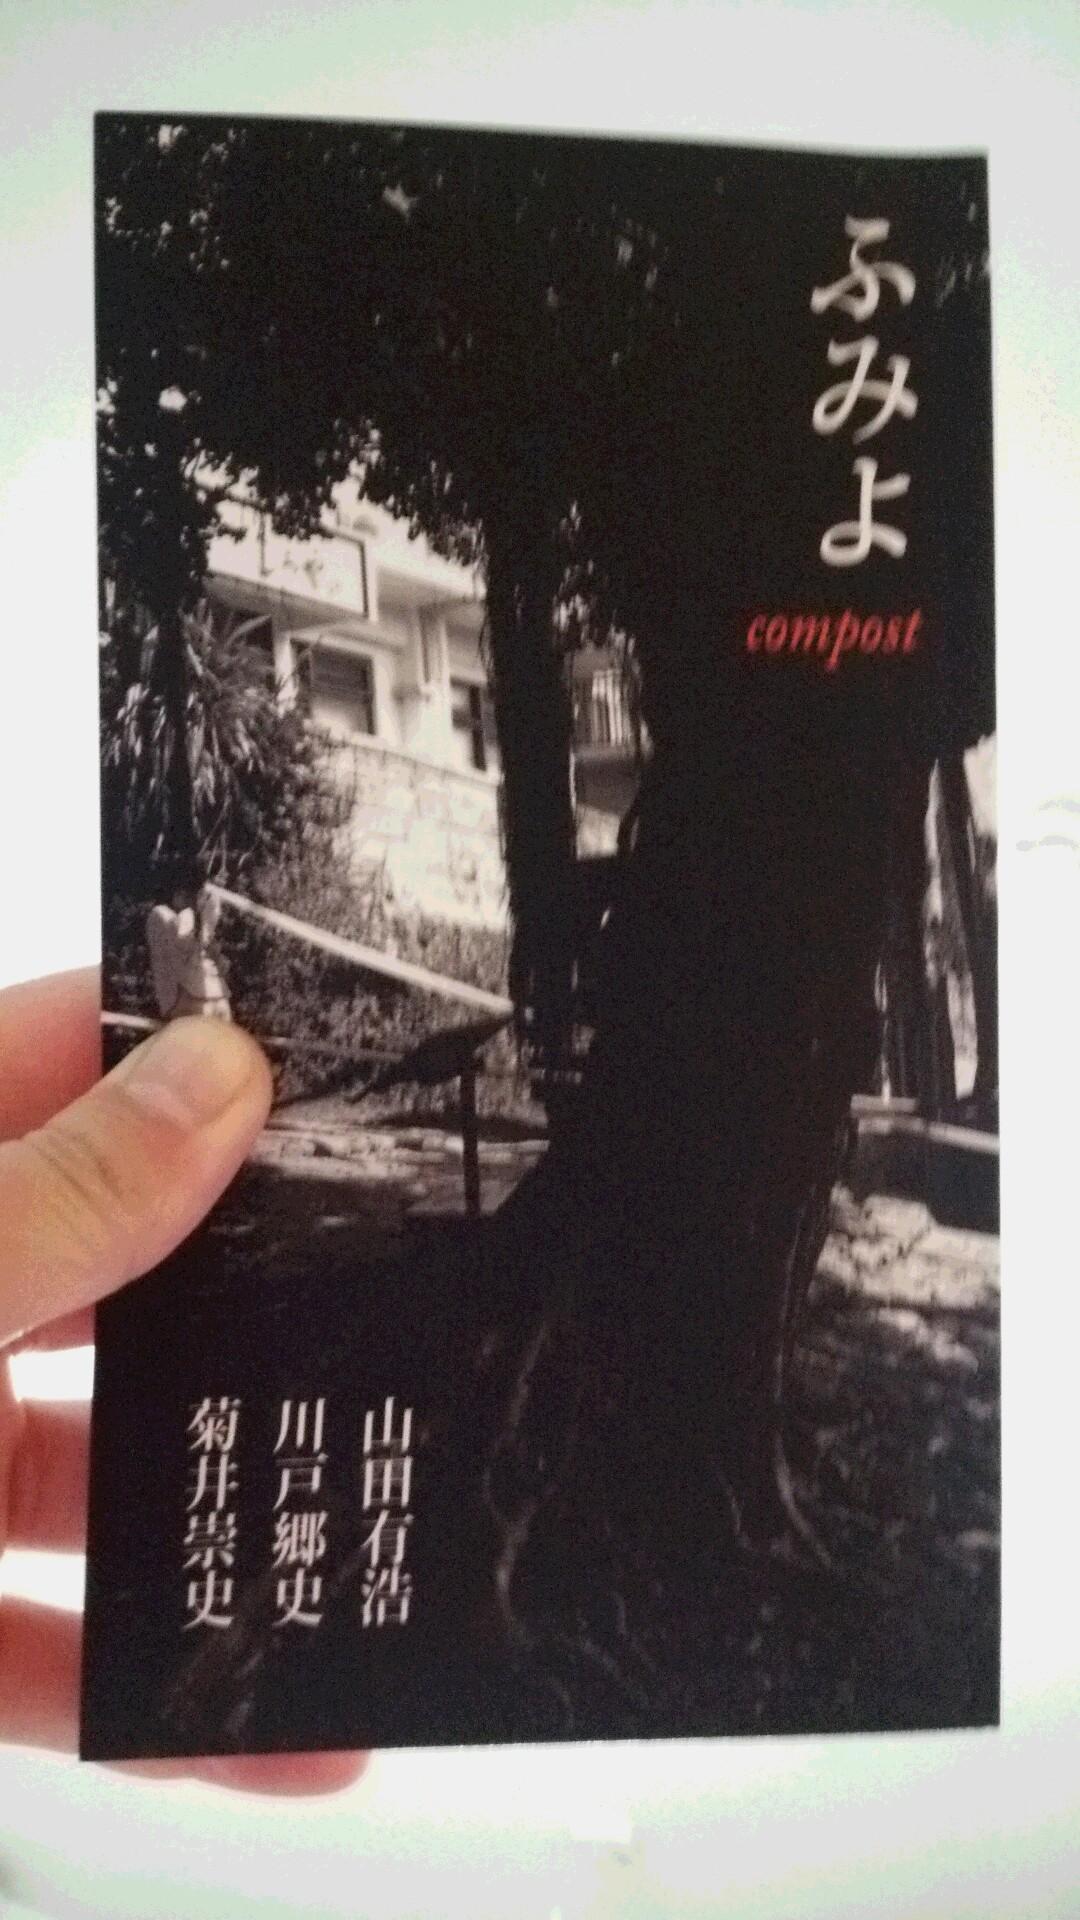 川戸郷史+菊井崇史+山田有浩★2016年も本を出しました【ふみよ compost】